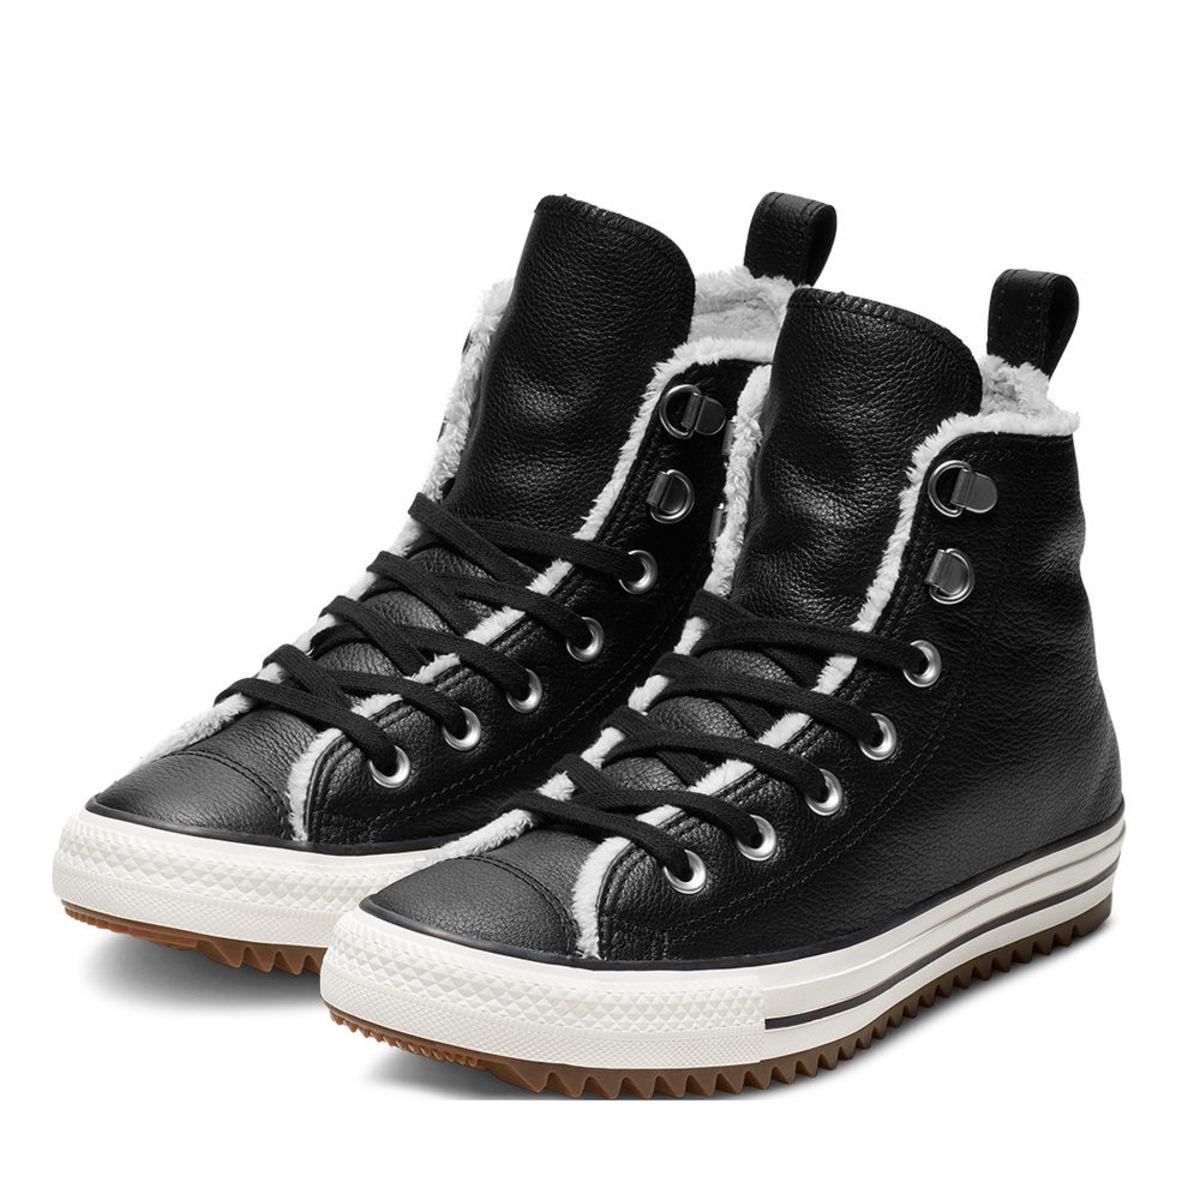 boty pánské zimní CONVERSE - Chuck Taylor AS Hiker Boot - black egret gum 304e8a165ad